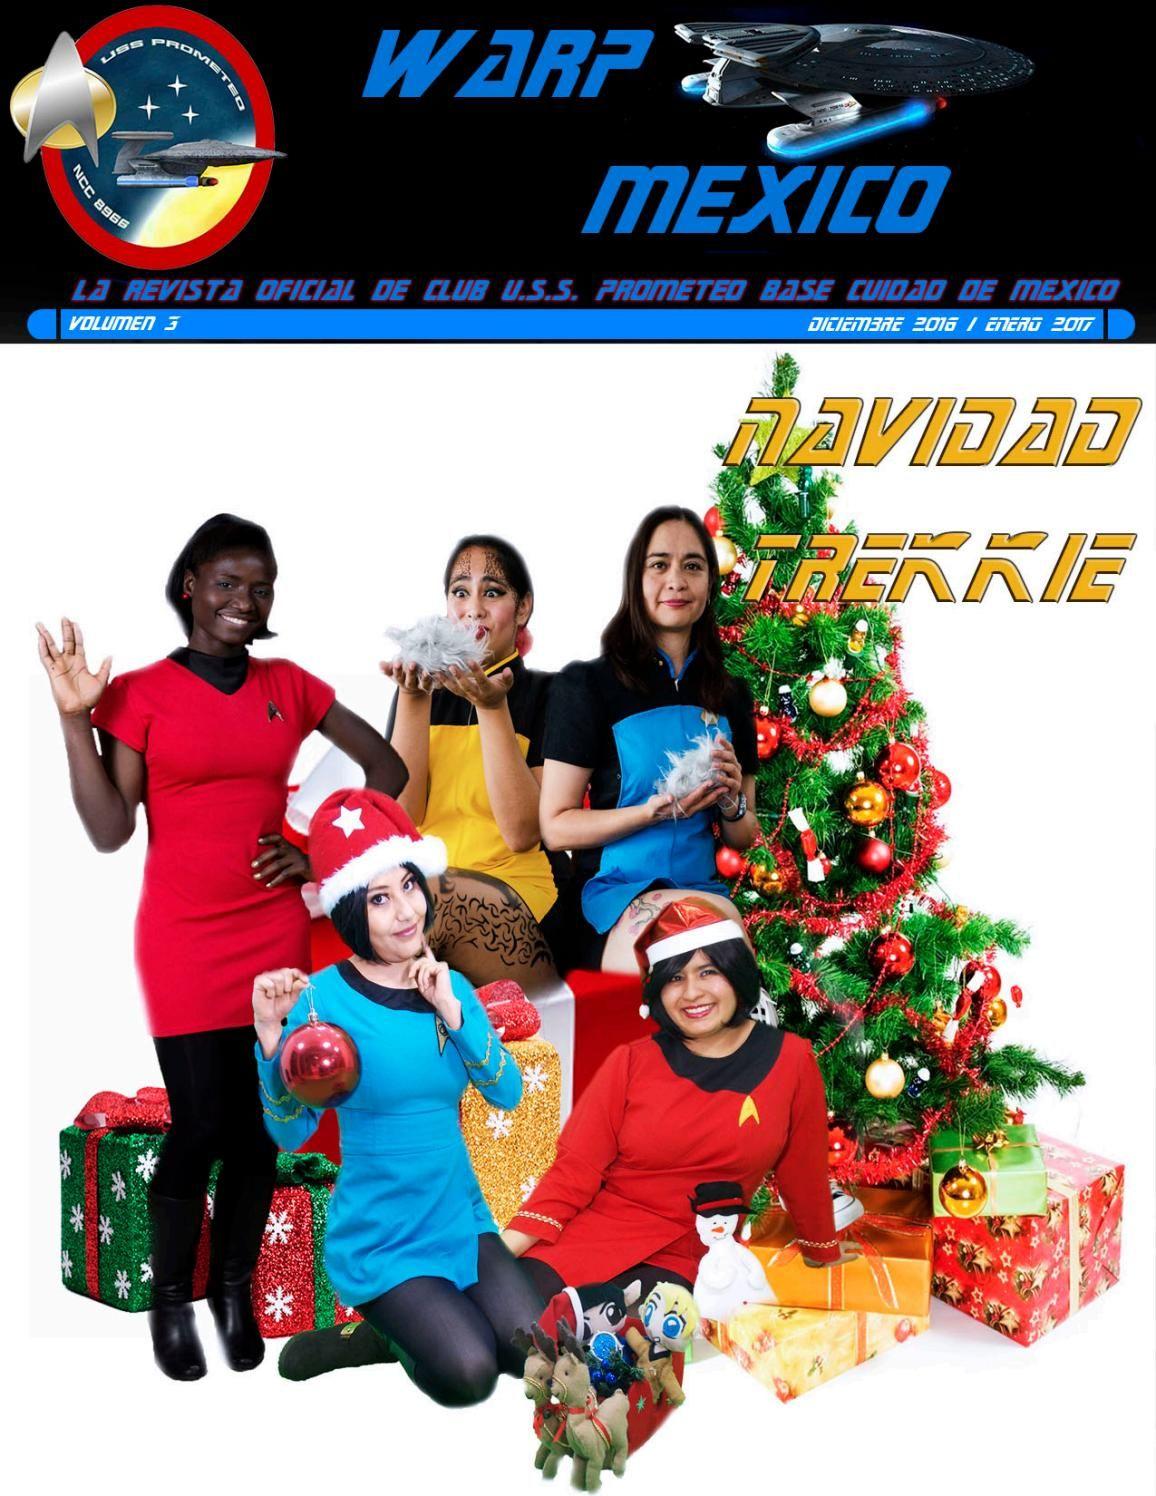 Star Trek Prometeo Revista diciembre enero